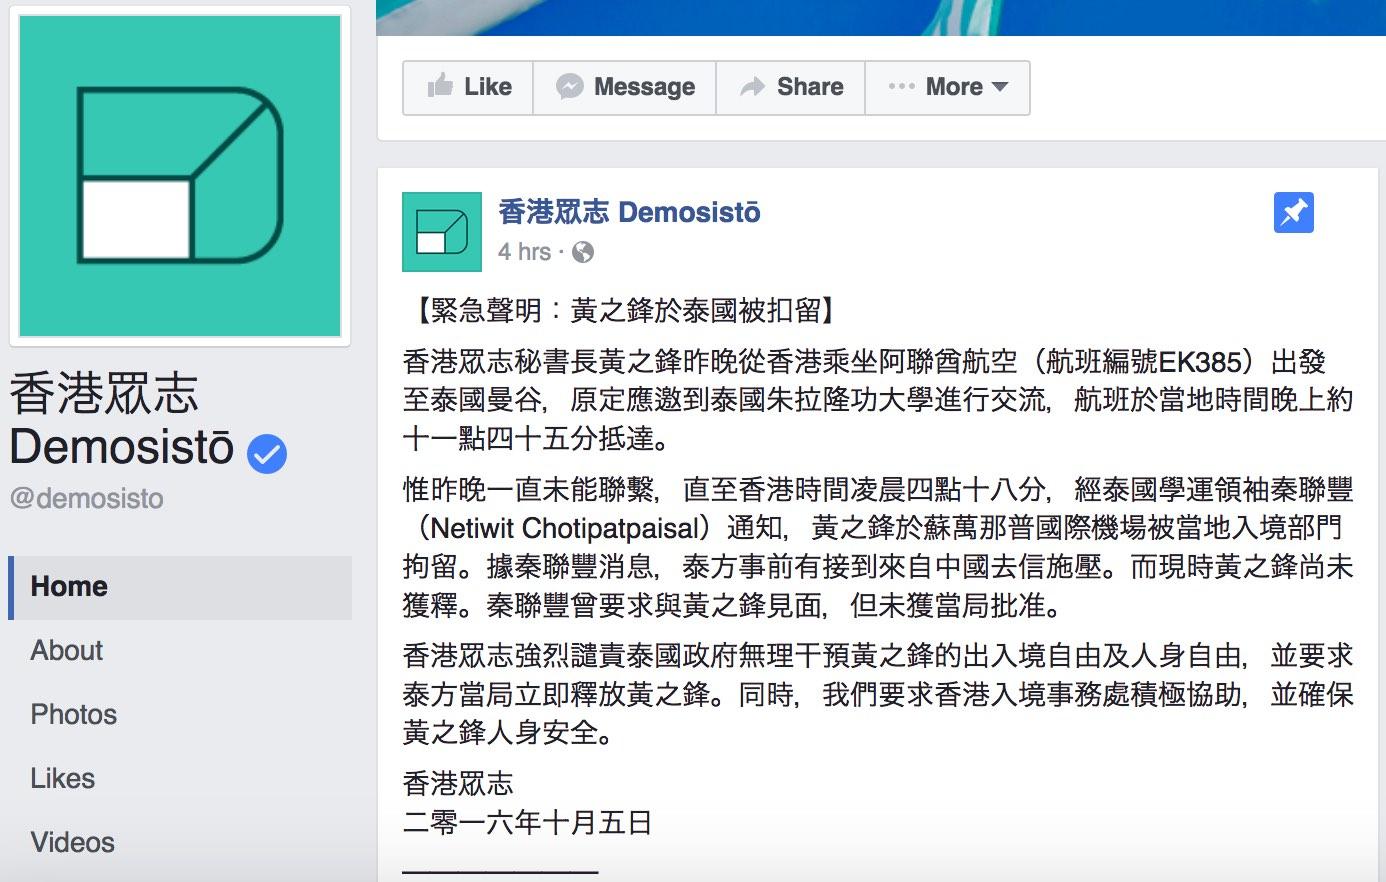 香港众志党:黄之锋入境泰国遭扣留 中国曾施压(更新)